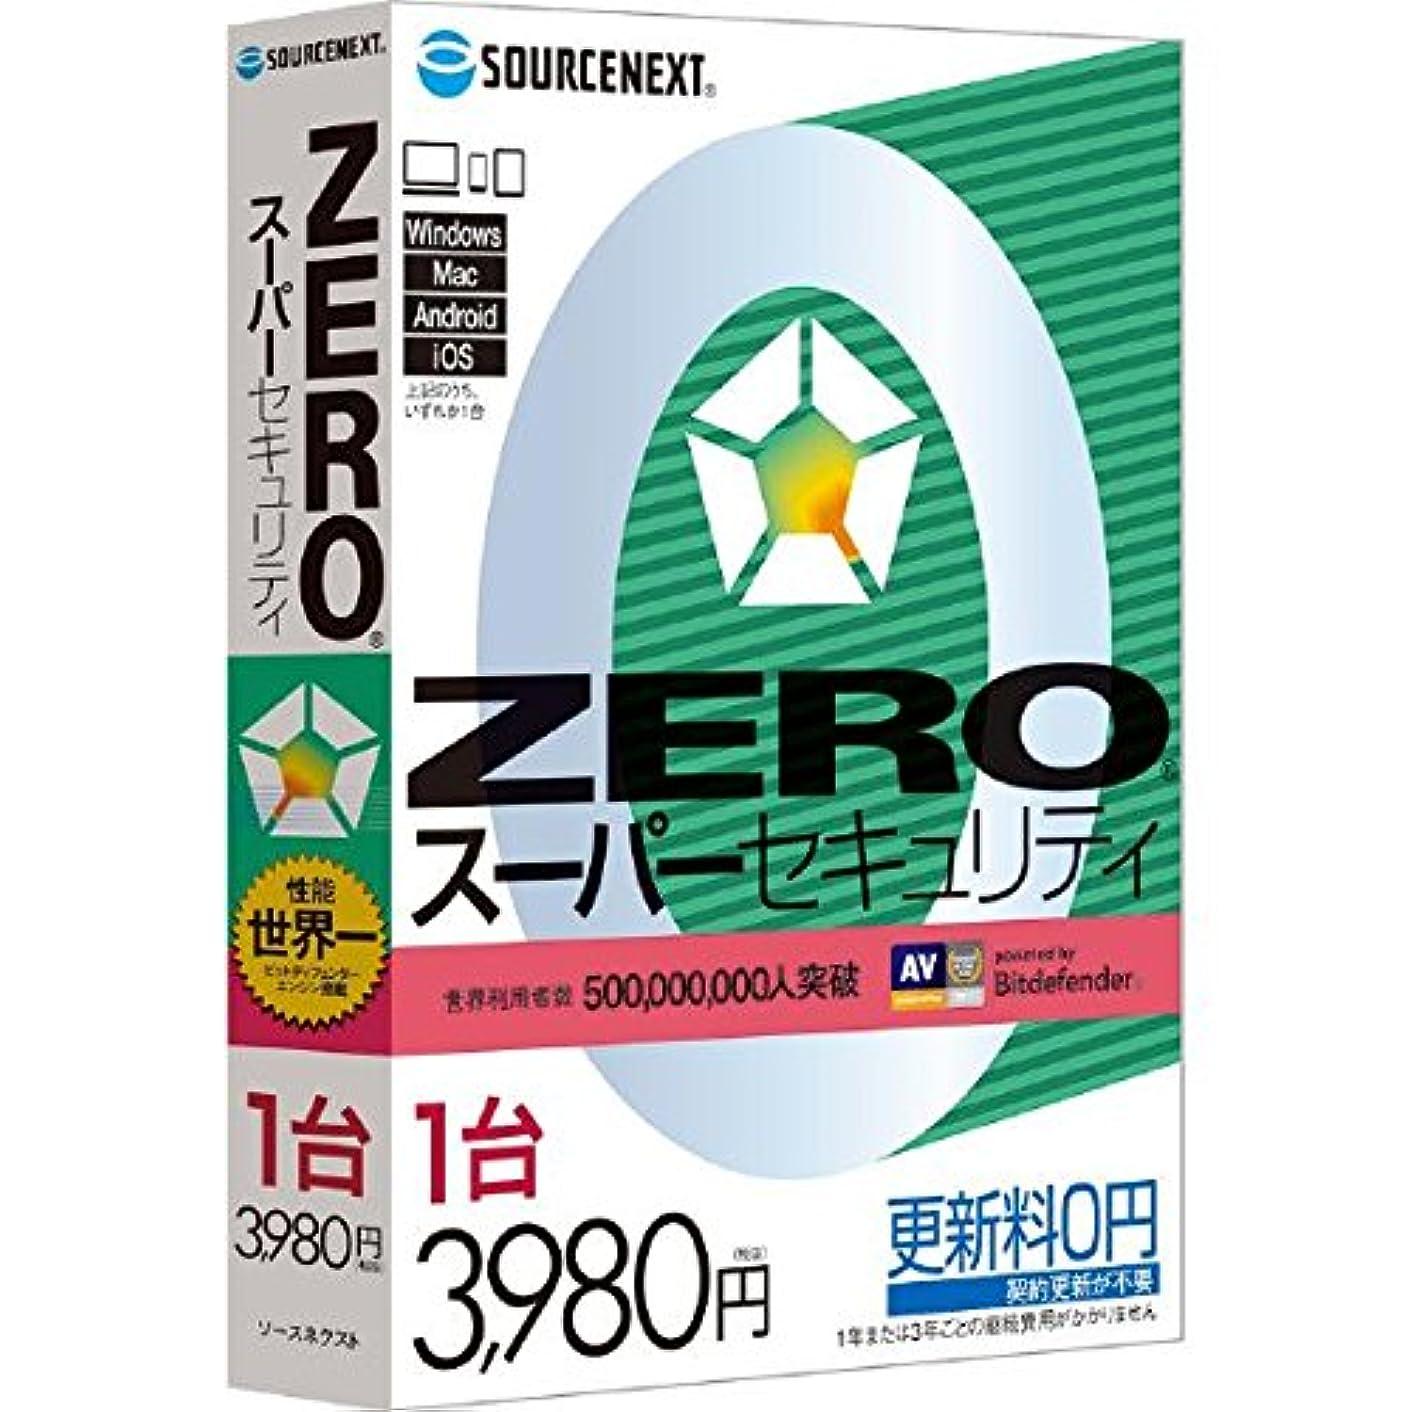 郵便屋さんバイバイ然としたソースネクスト ZERO スーパーセキュリティ 1台用 4OS(Win/Mac/Android/iOS)対応